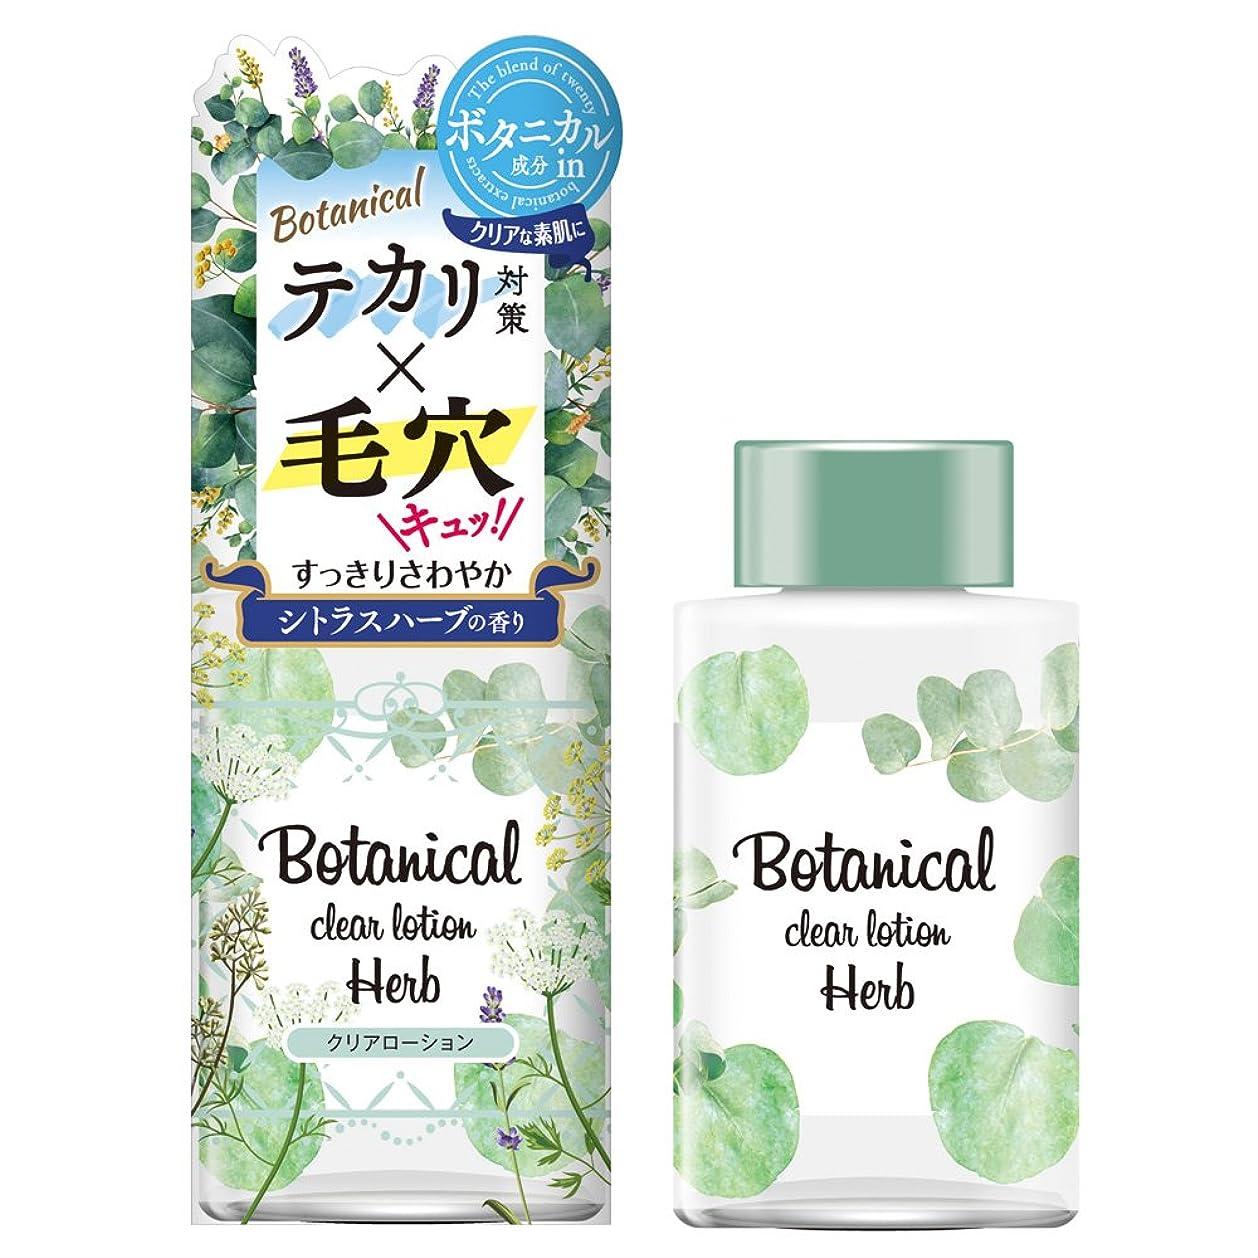 コーンウォール解放する恐れボタニカル クリアローション シトラスハーブの香り